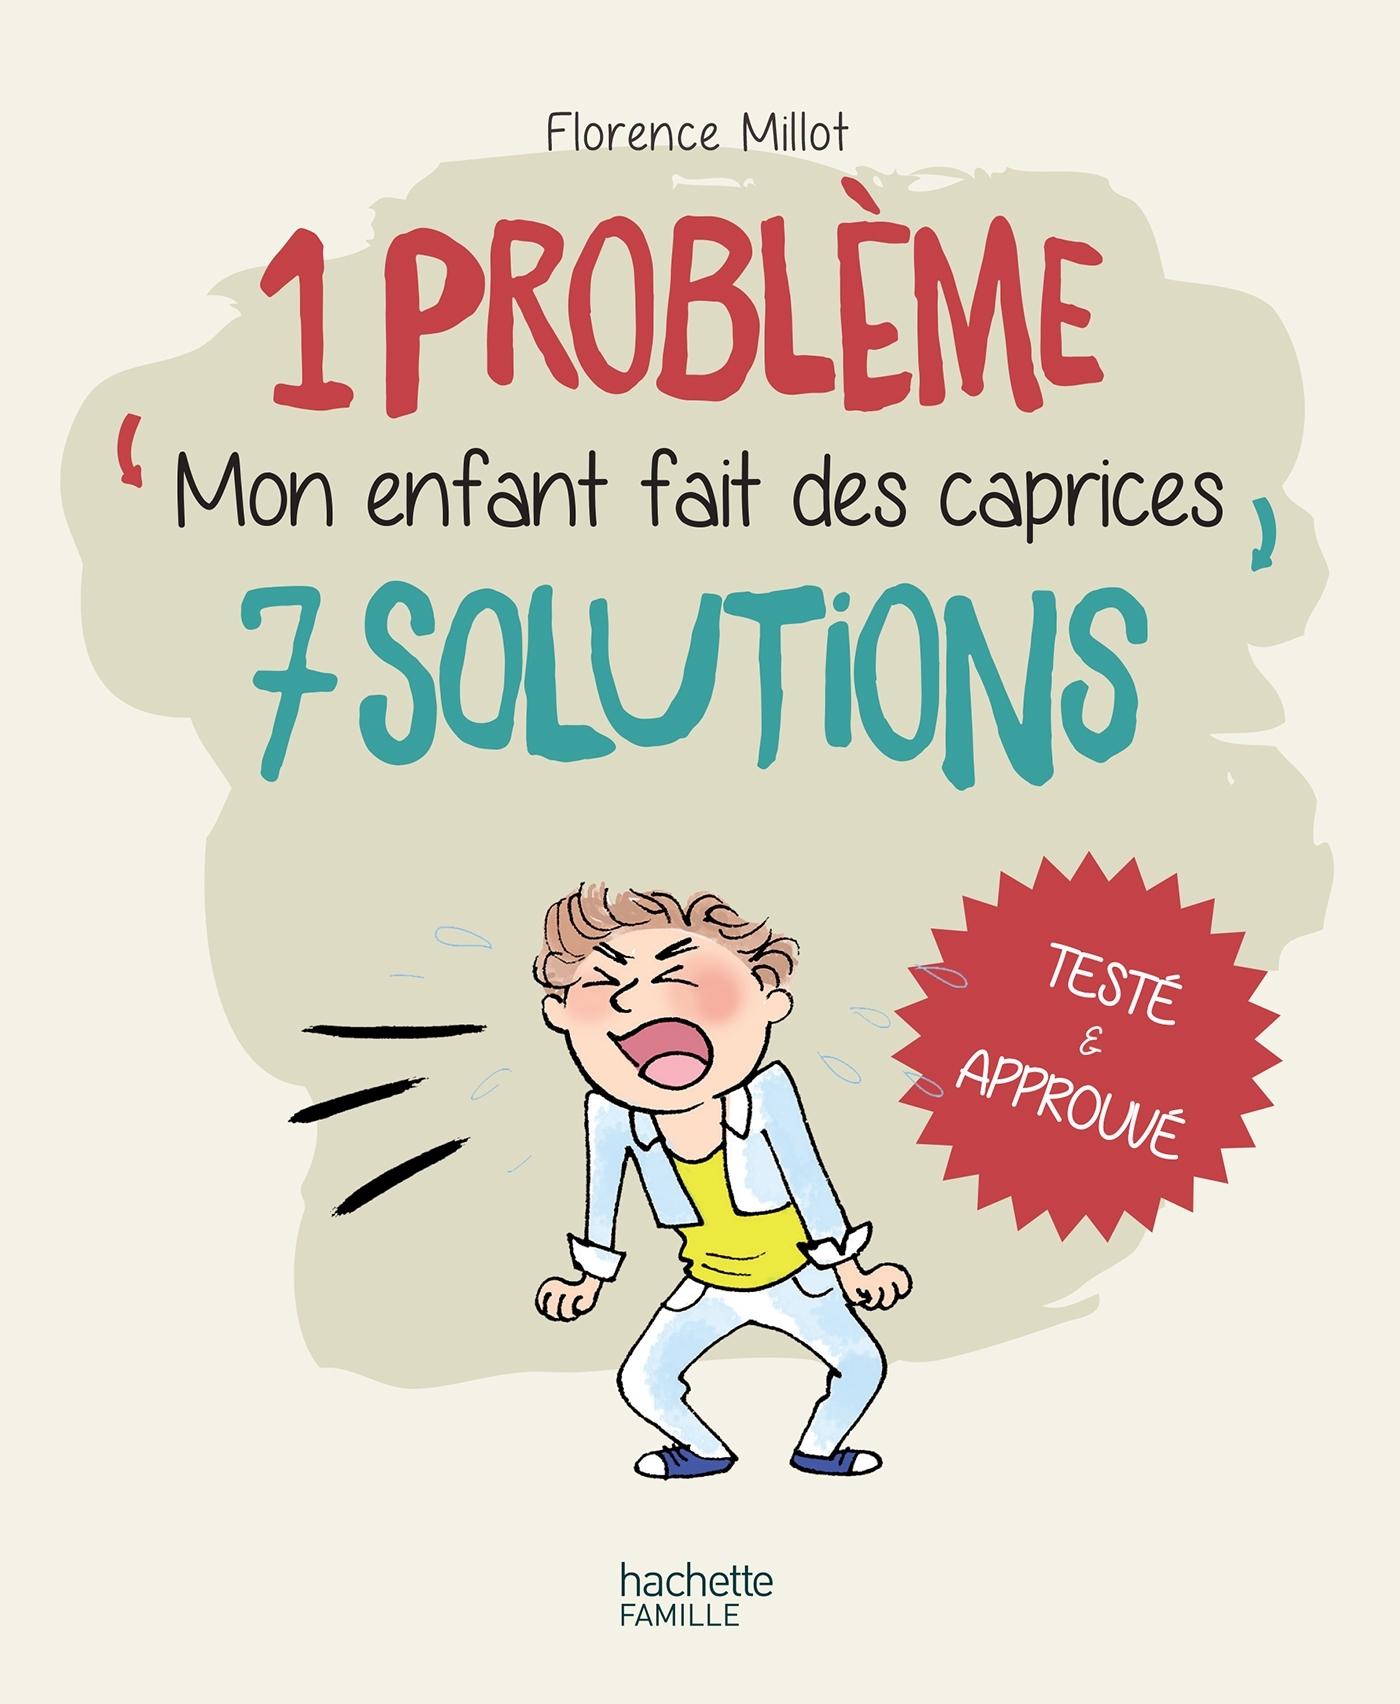 1 PROBLEME 7 SOLUTIONS : MON ENFANT FAIT DES CAPRICES